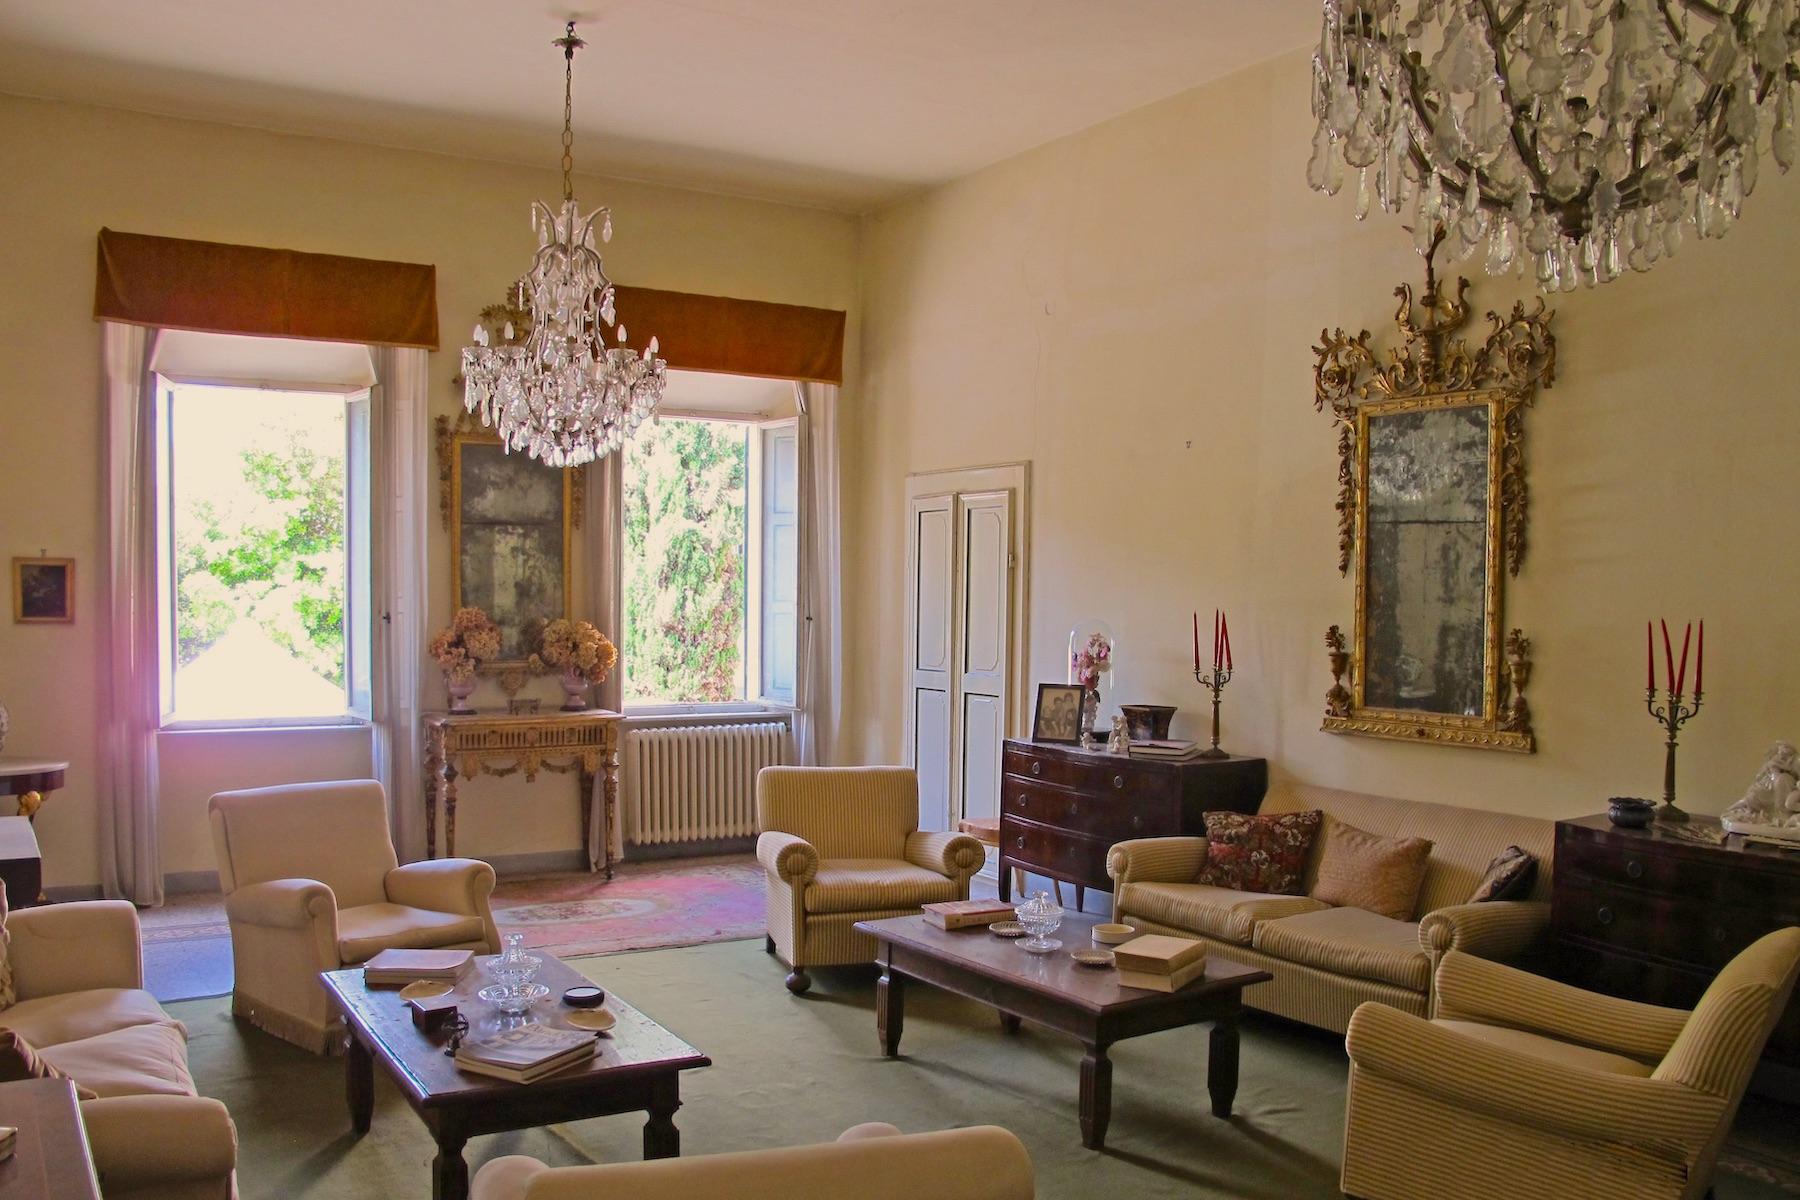 Palazzo in Vendita a Terricciola: 5 locali, 1000 mq - Foto 1